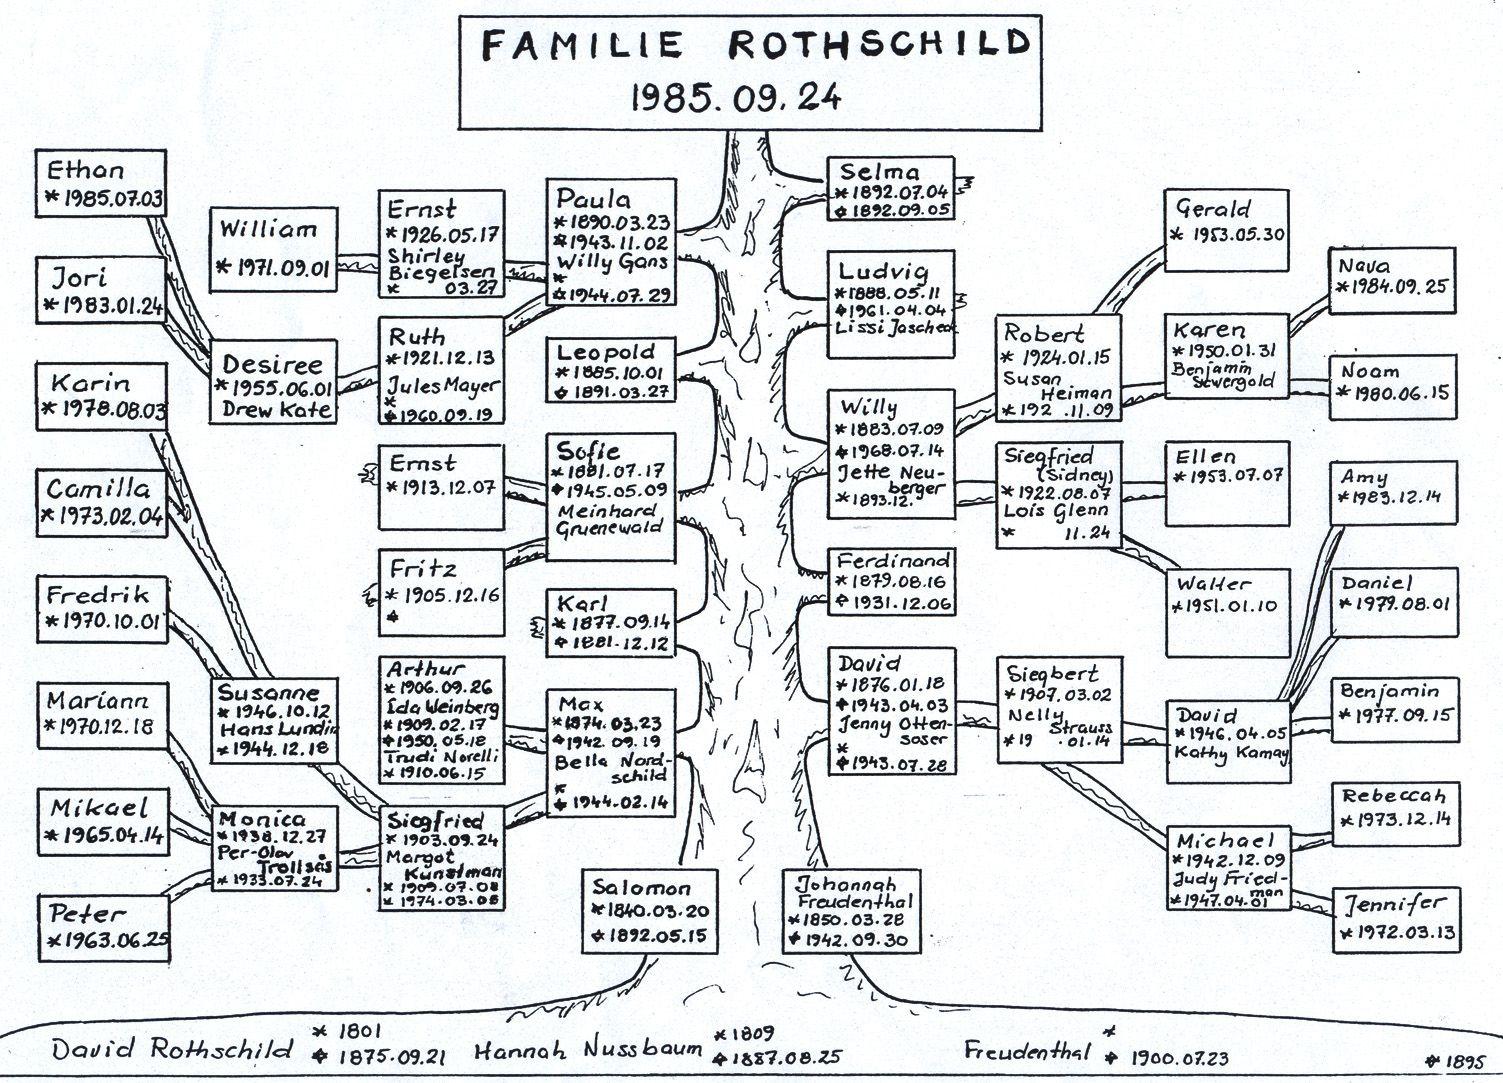 Rothschild Stammbaum